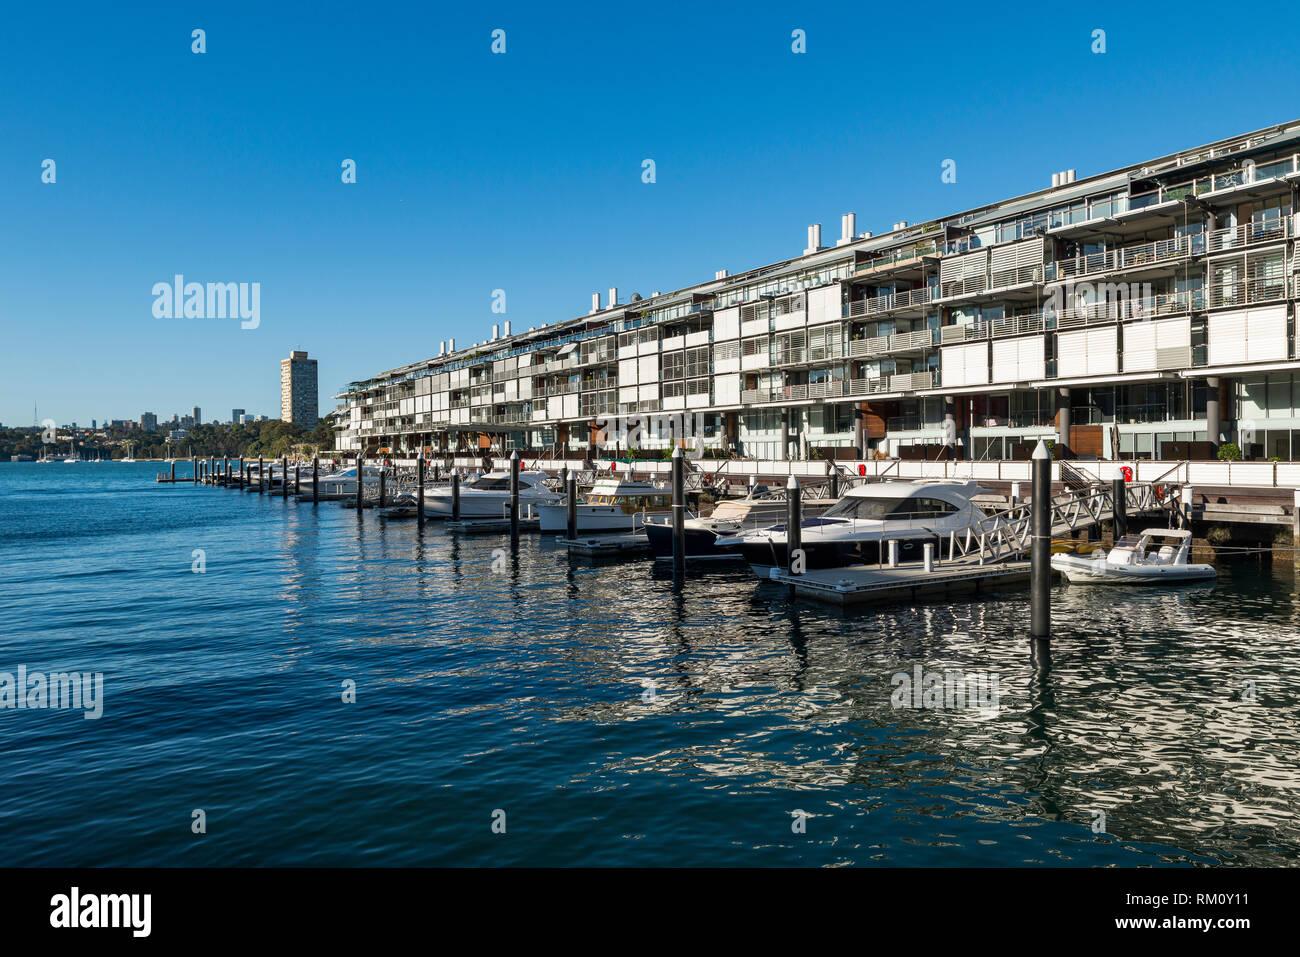 Waterside Sydney dwellings. Stock Photo